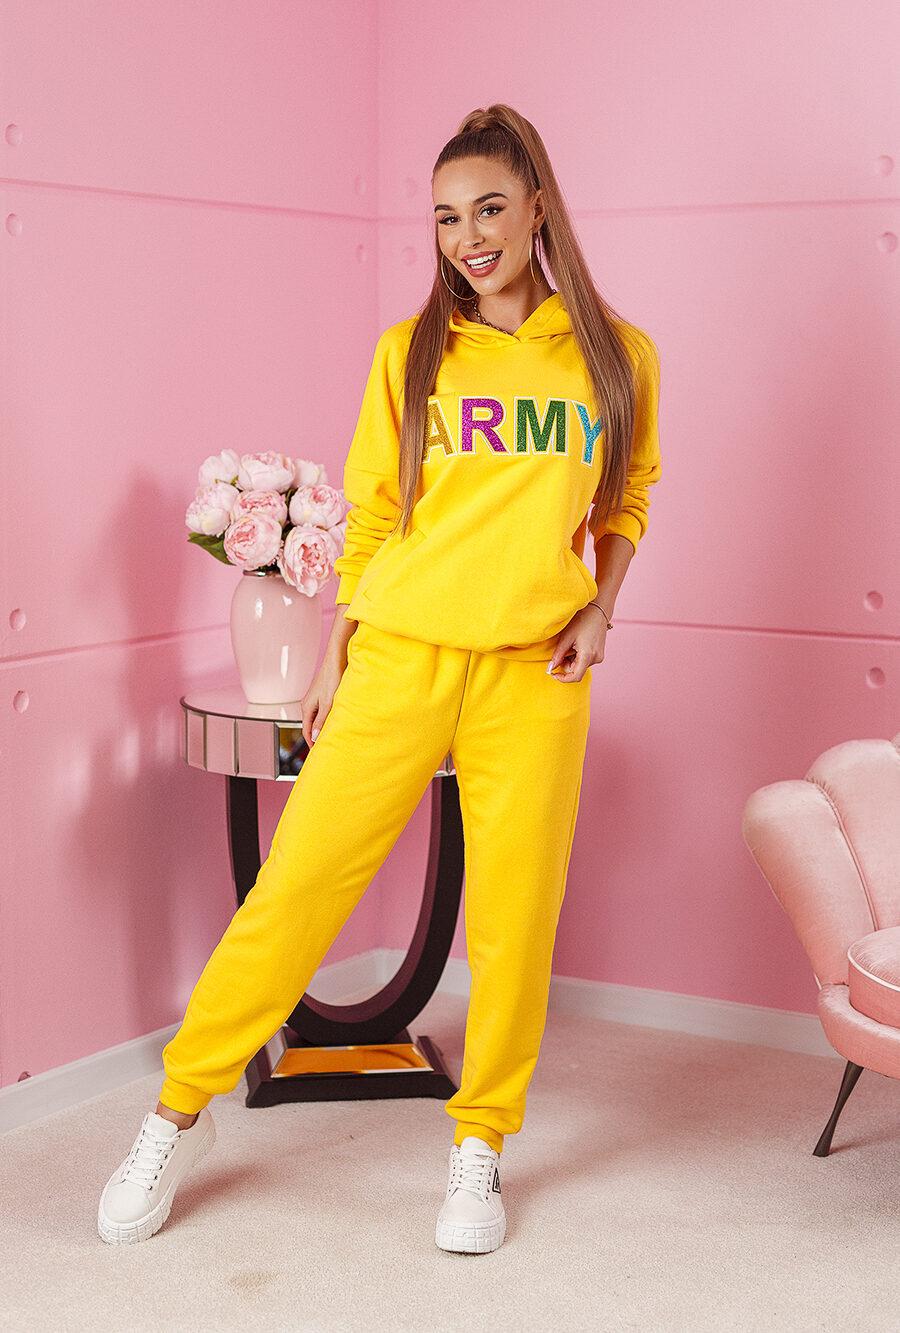 dres army z brokatowym nadrukiem z pistaoletami spodnie bluza zolty (1)